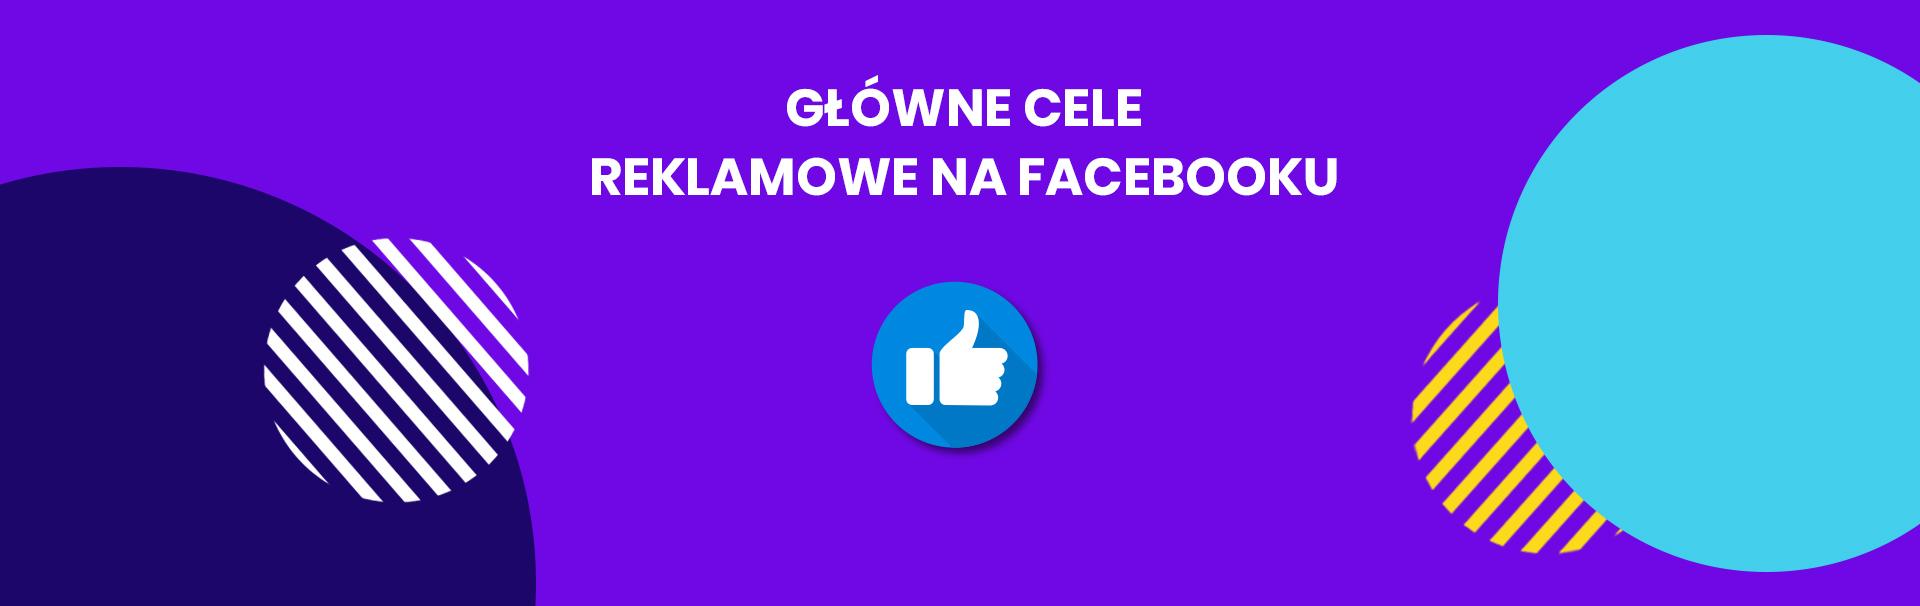 grafika z tytułem główne cele reklamowe na facebooku